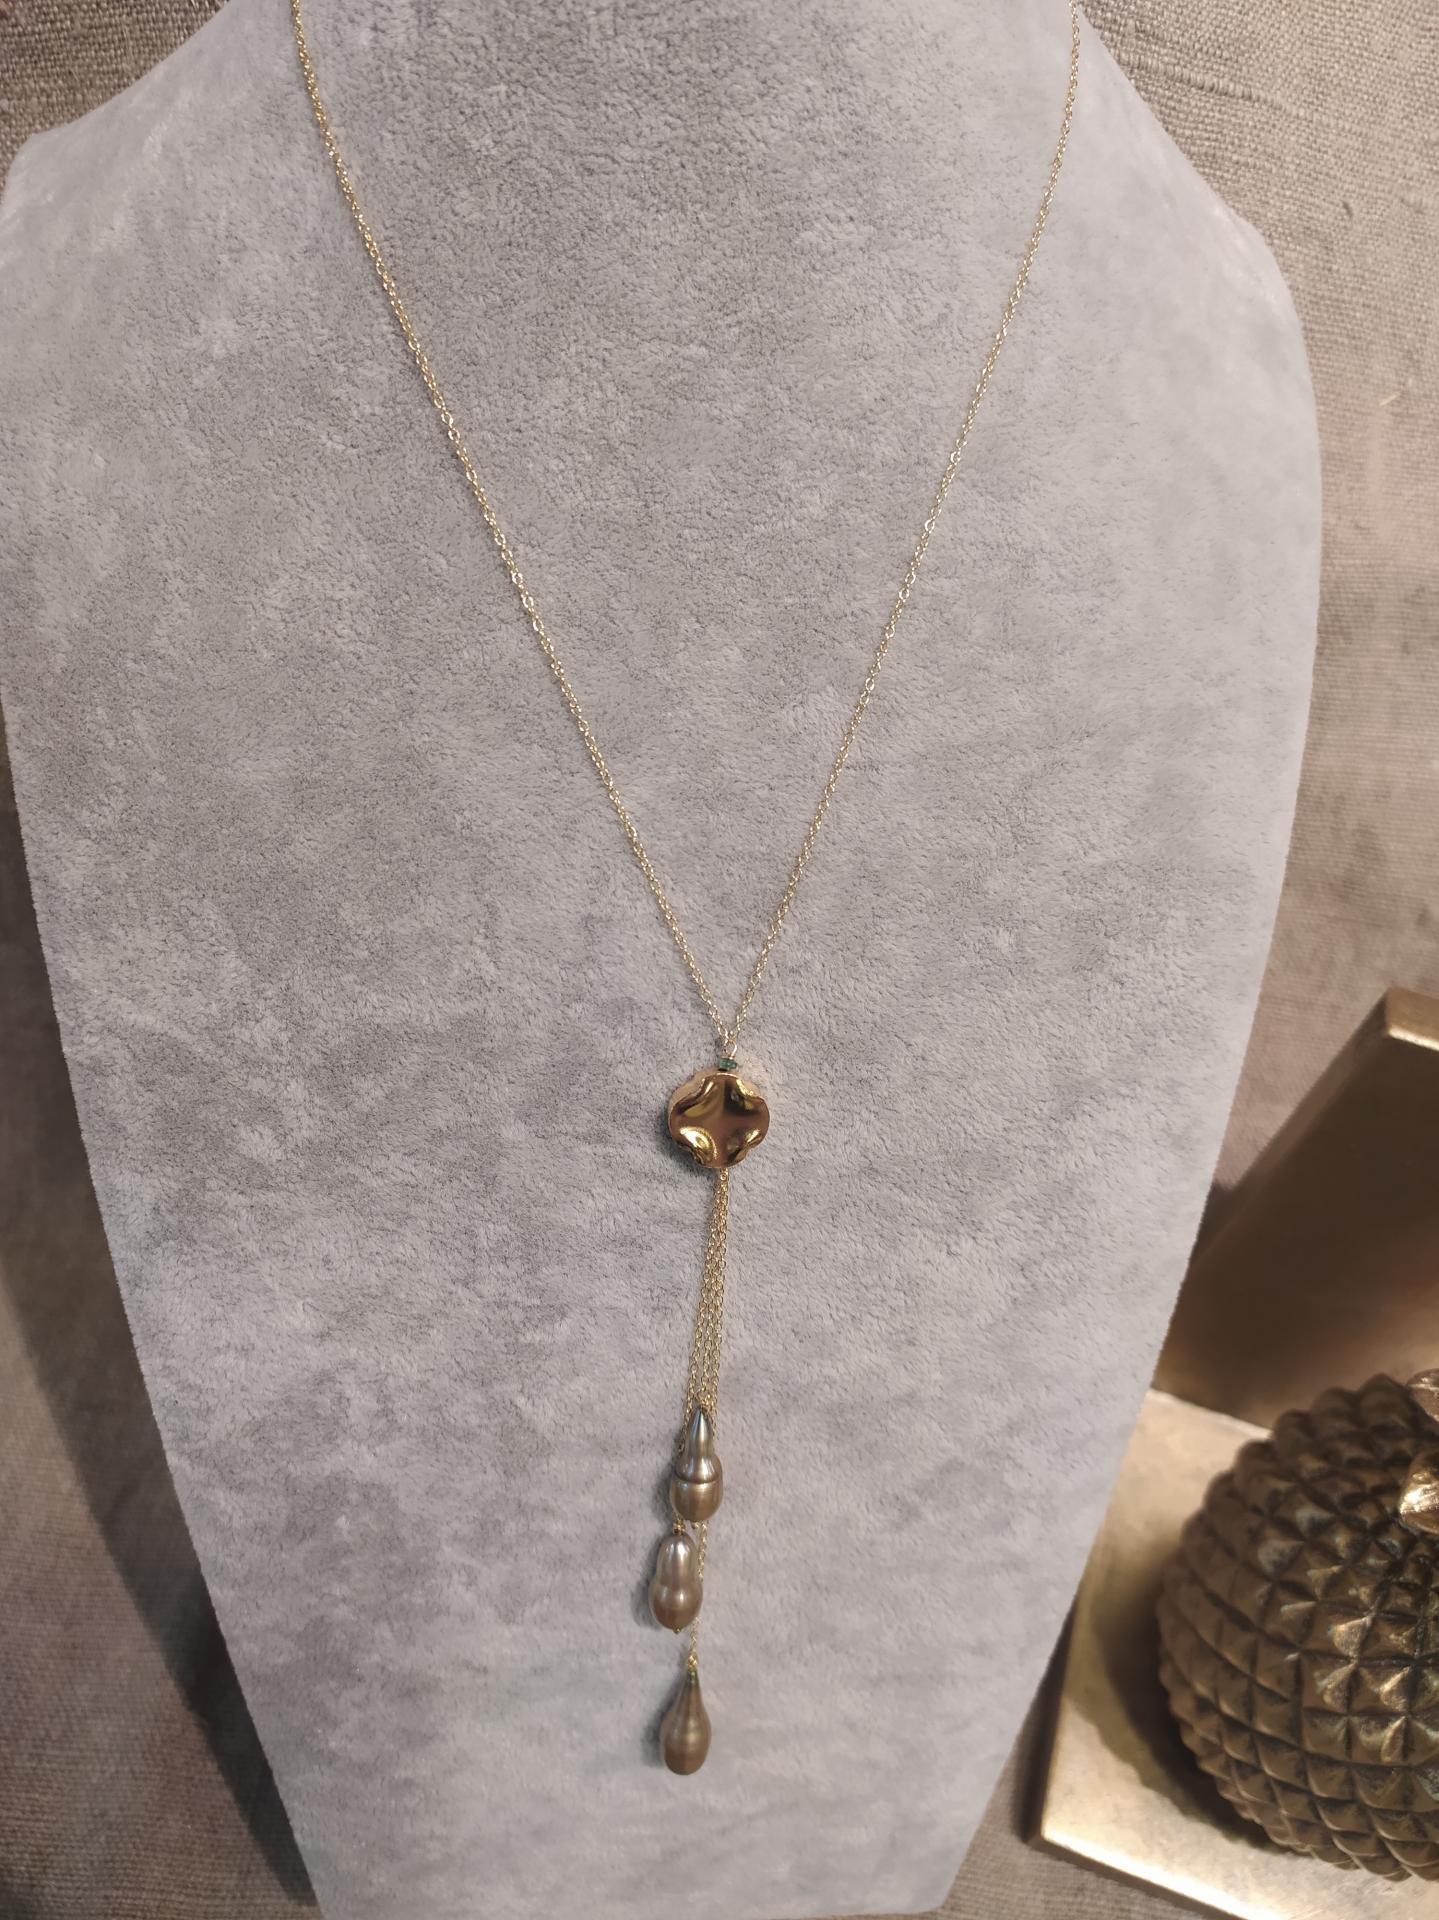 Collier ref 348 3 37 gr 98 eur perles baroques vertes olives chaine ras de cou environ 42 cm avec extention a partir d un appret en argent plaque a l or jaune d environ 11 cm